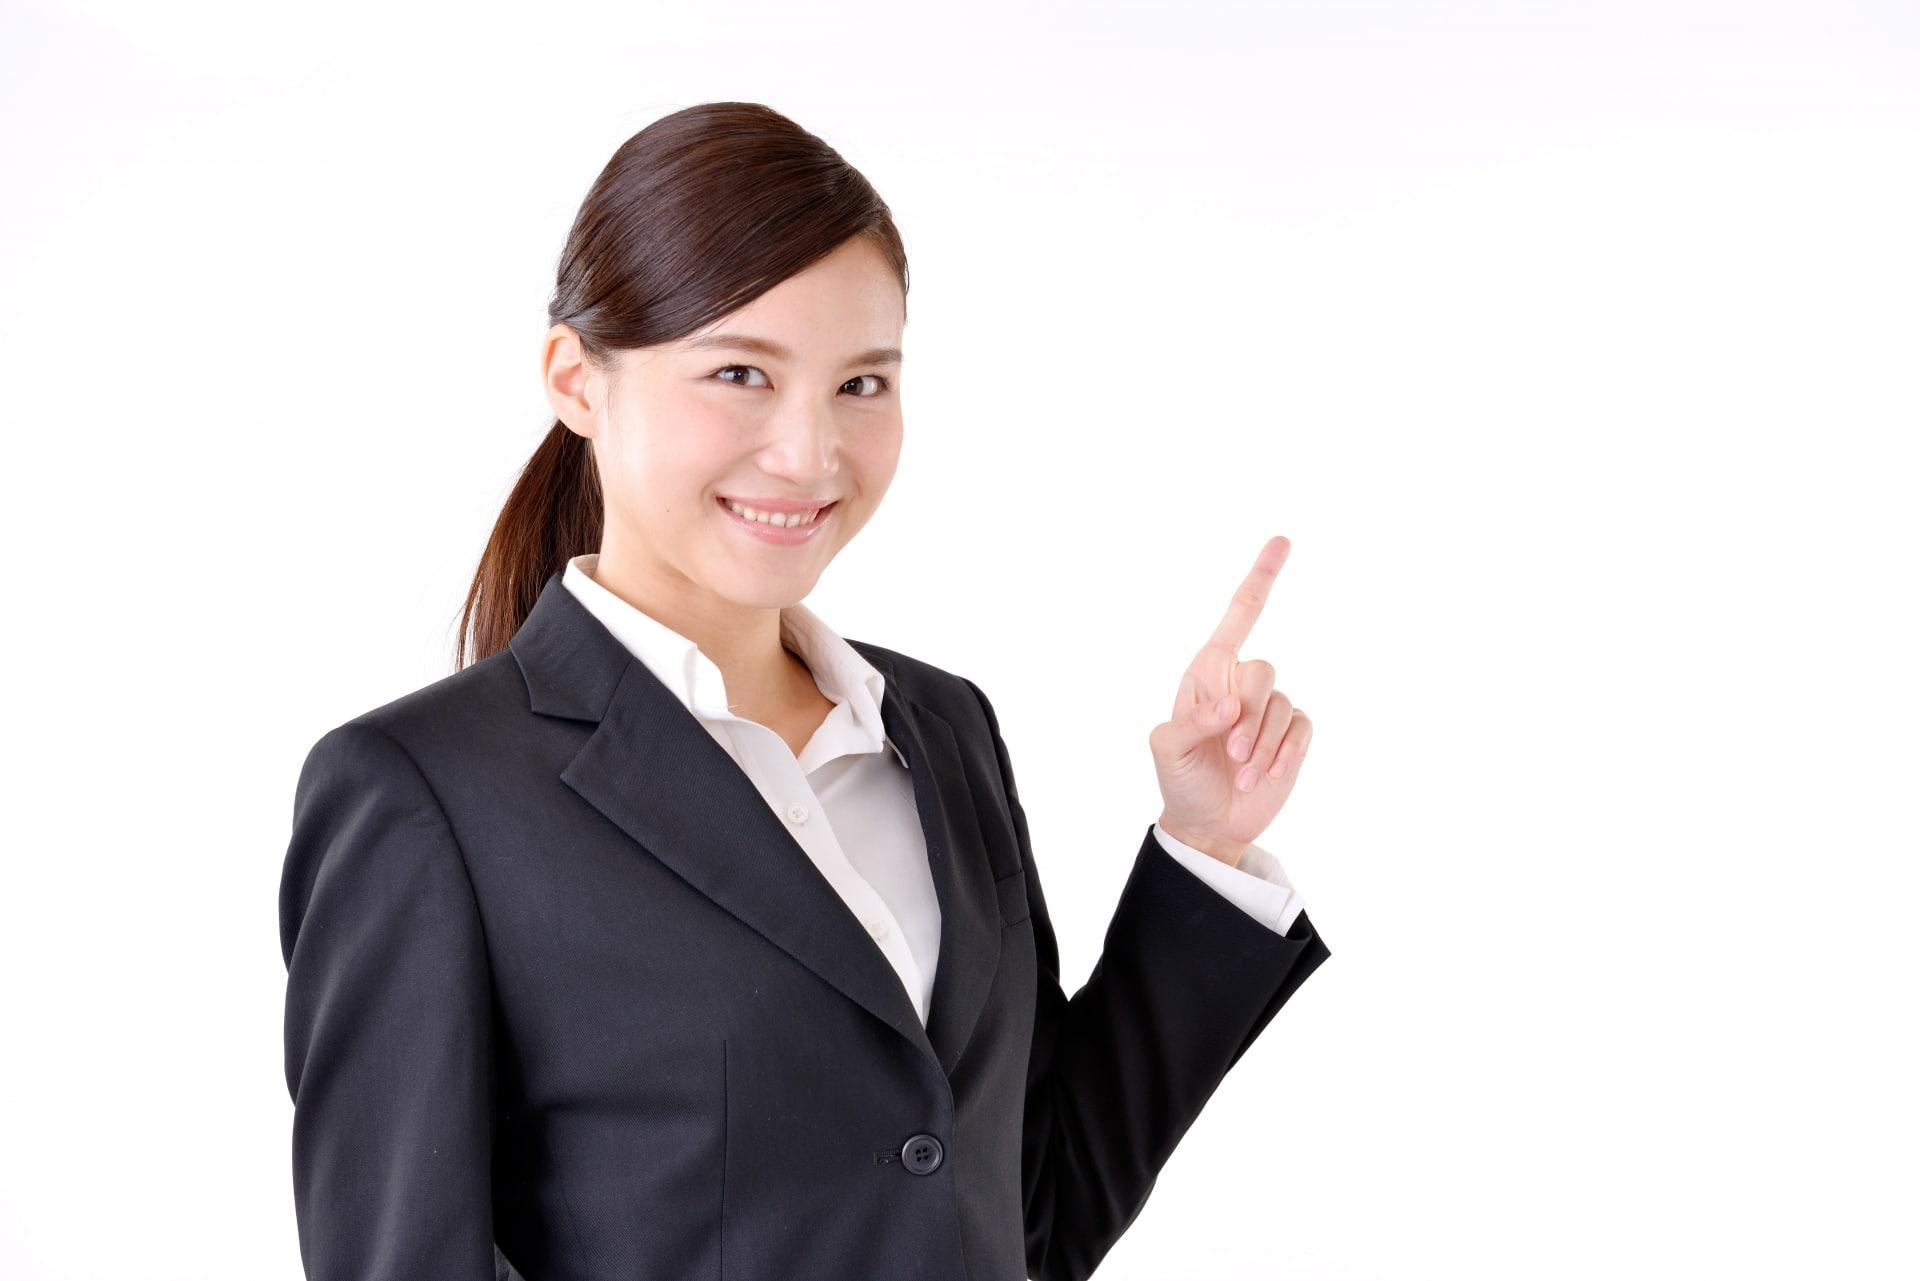 指差す女性の画像